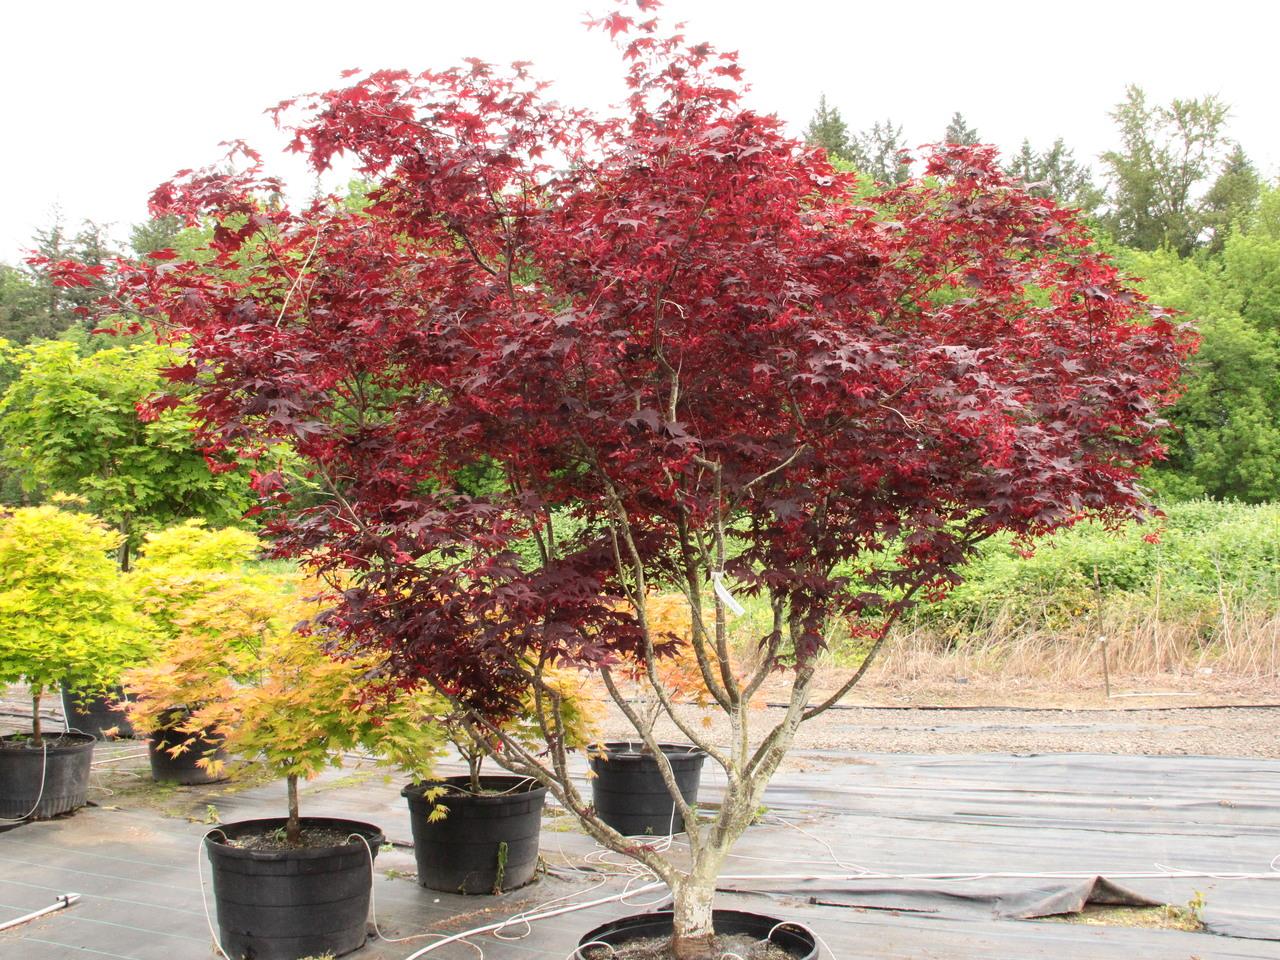 Acer palmatum Bloodgood Japanese maple broadleaf large red